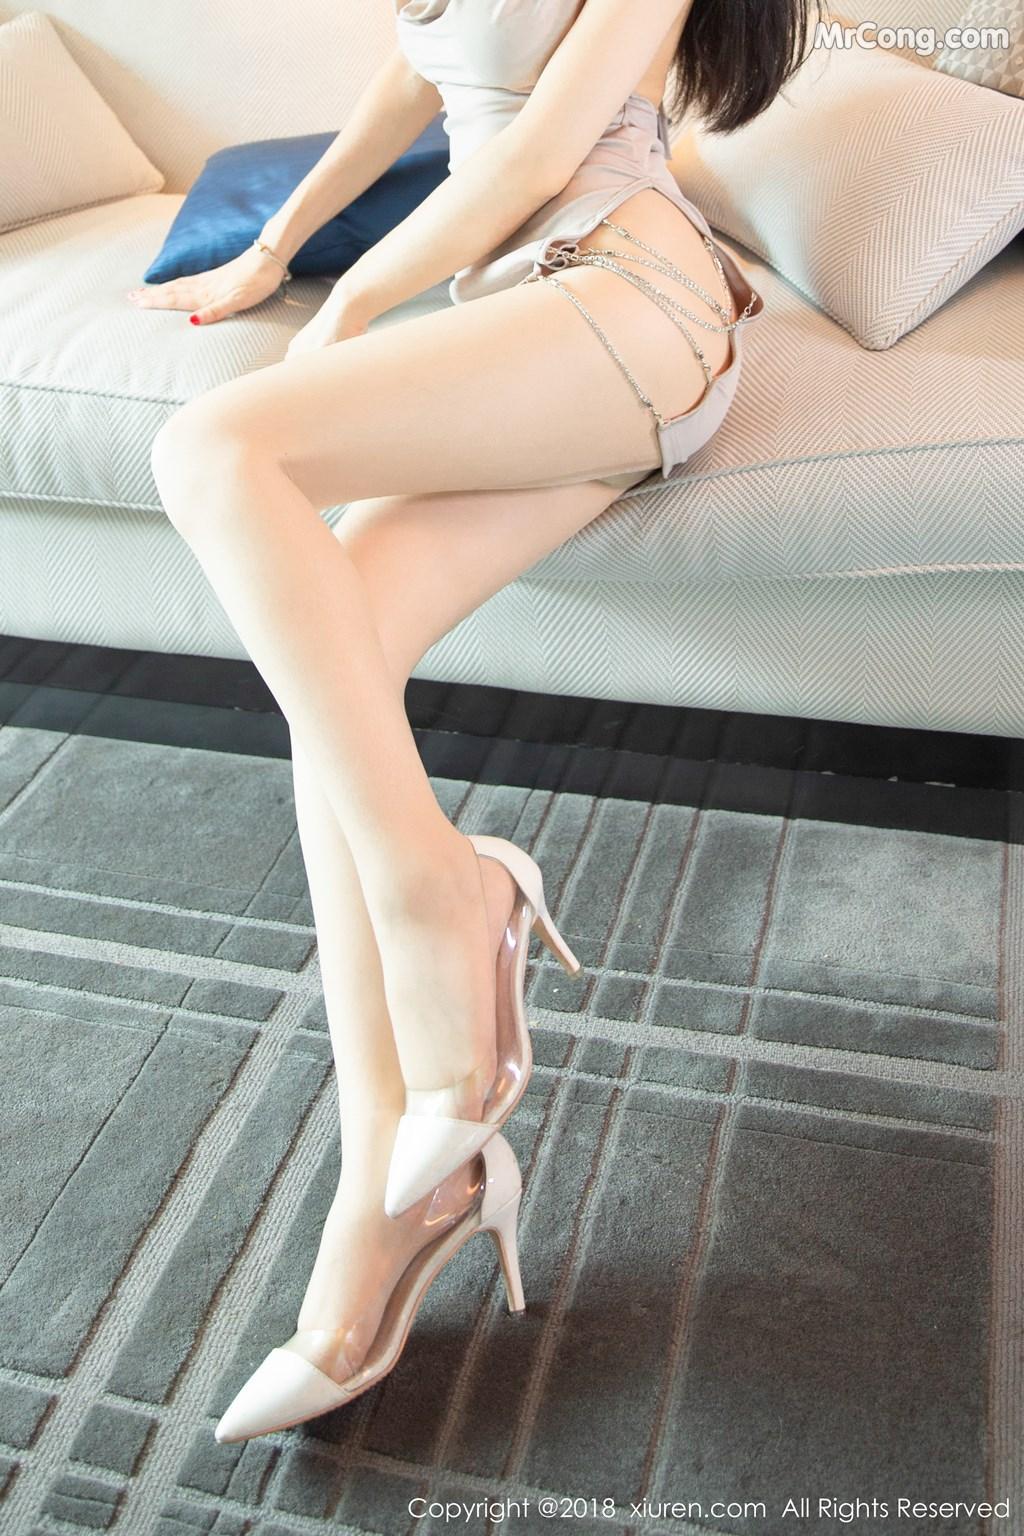 Image XIUREN-No.1141-Xiao-Reba-Angela-MrCong.com-006 in post XIUREN No.1141: Người mẫu Xiao Reba (Angela小热巴) (61 ảnh)